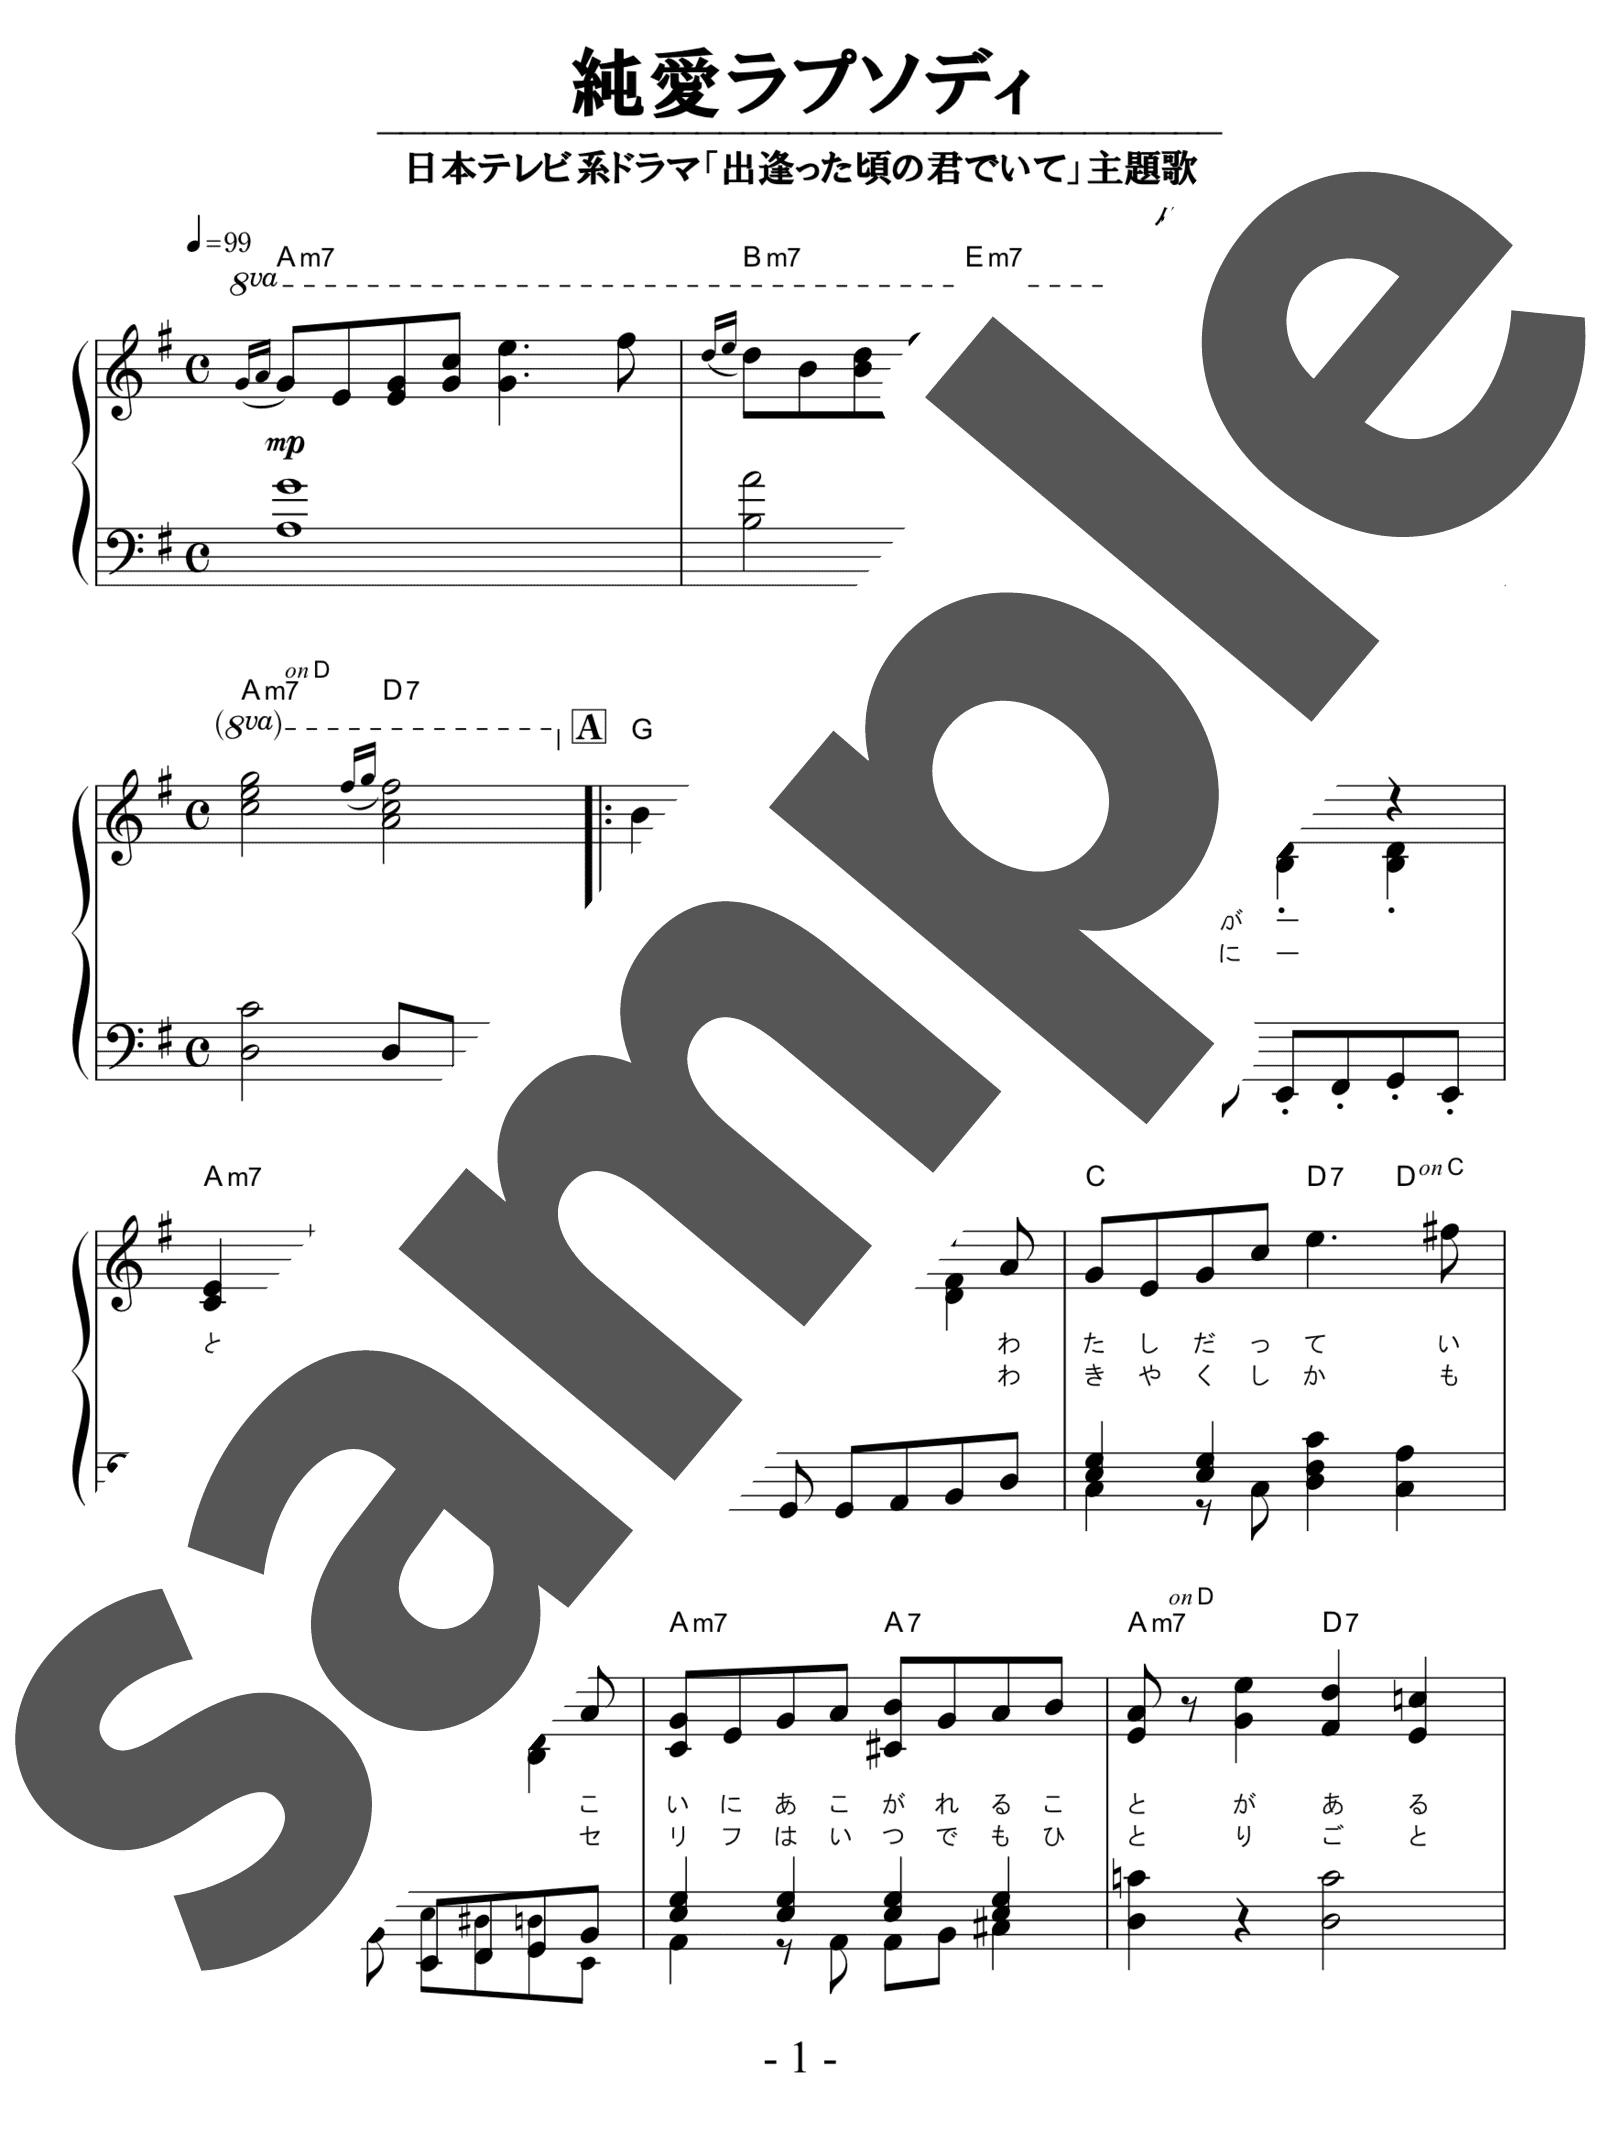 「純愛ラプソディ」のサンプル楽譜